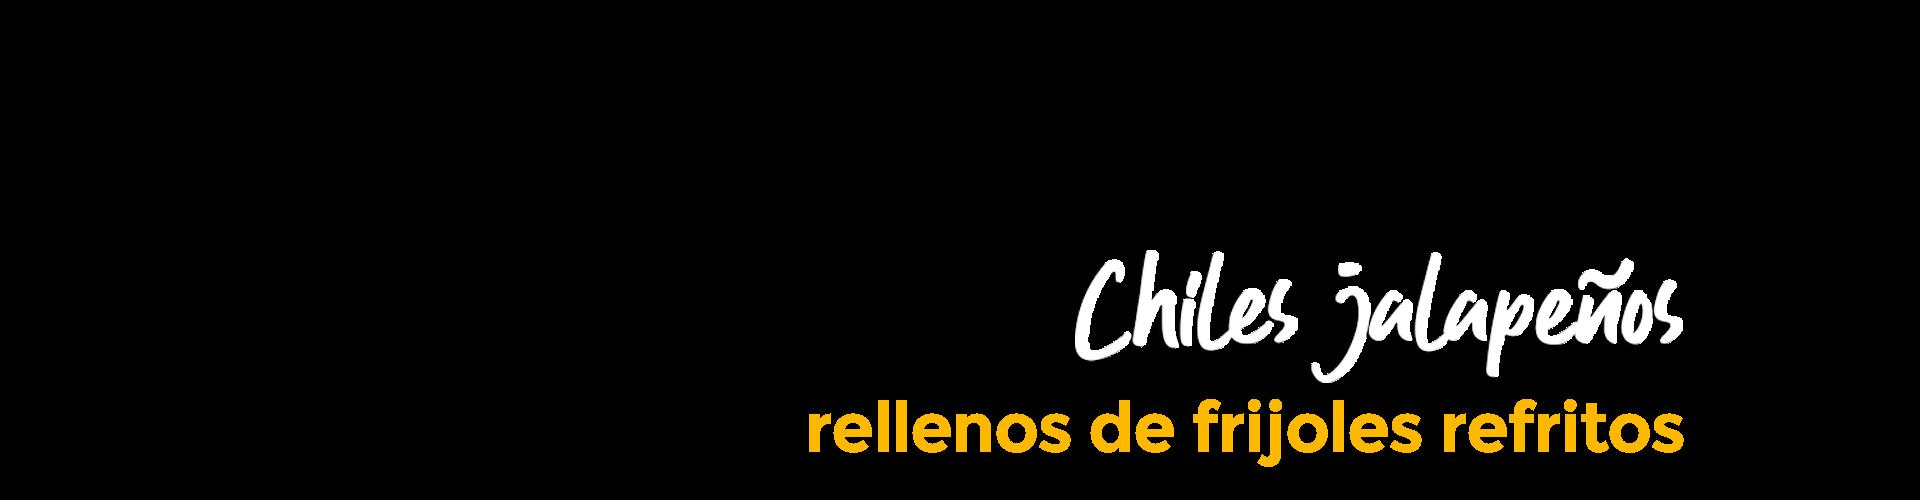 Receta de chiles jalapeños rellenos de frijoles refritos